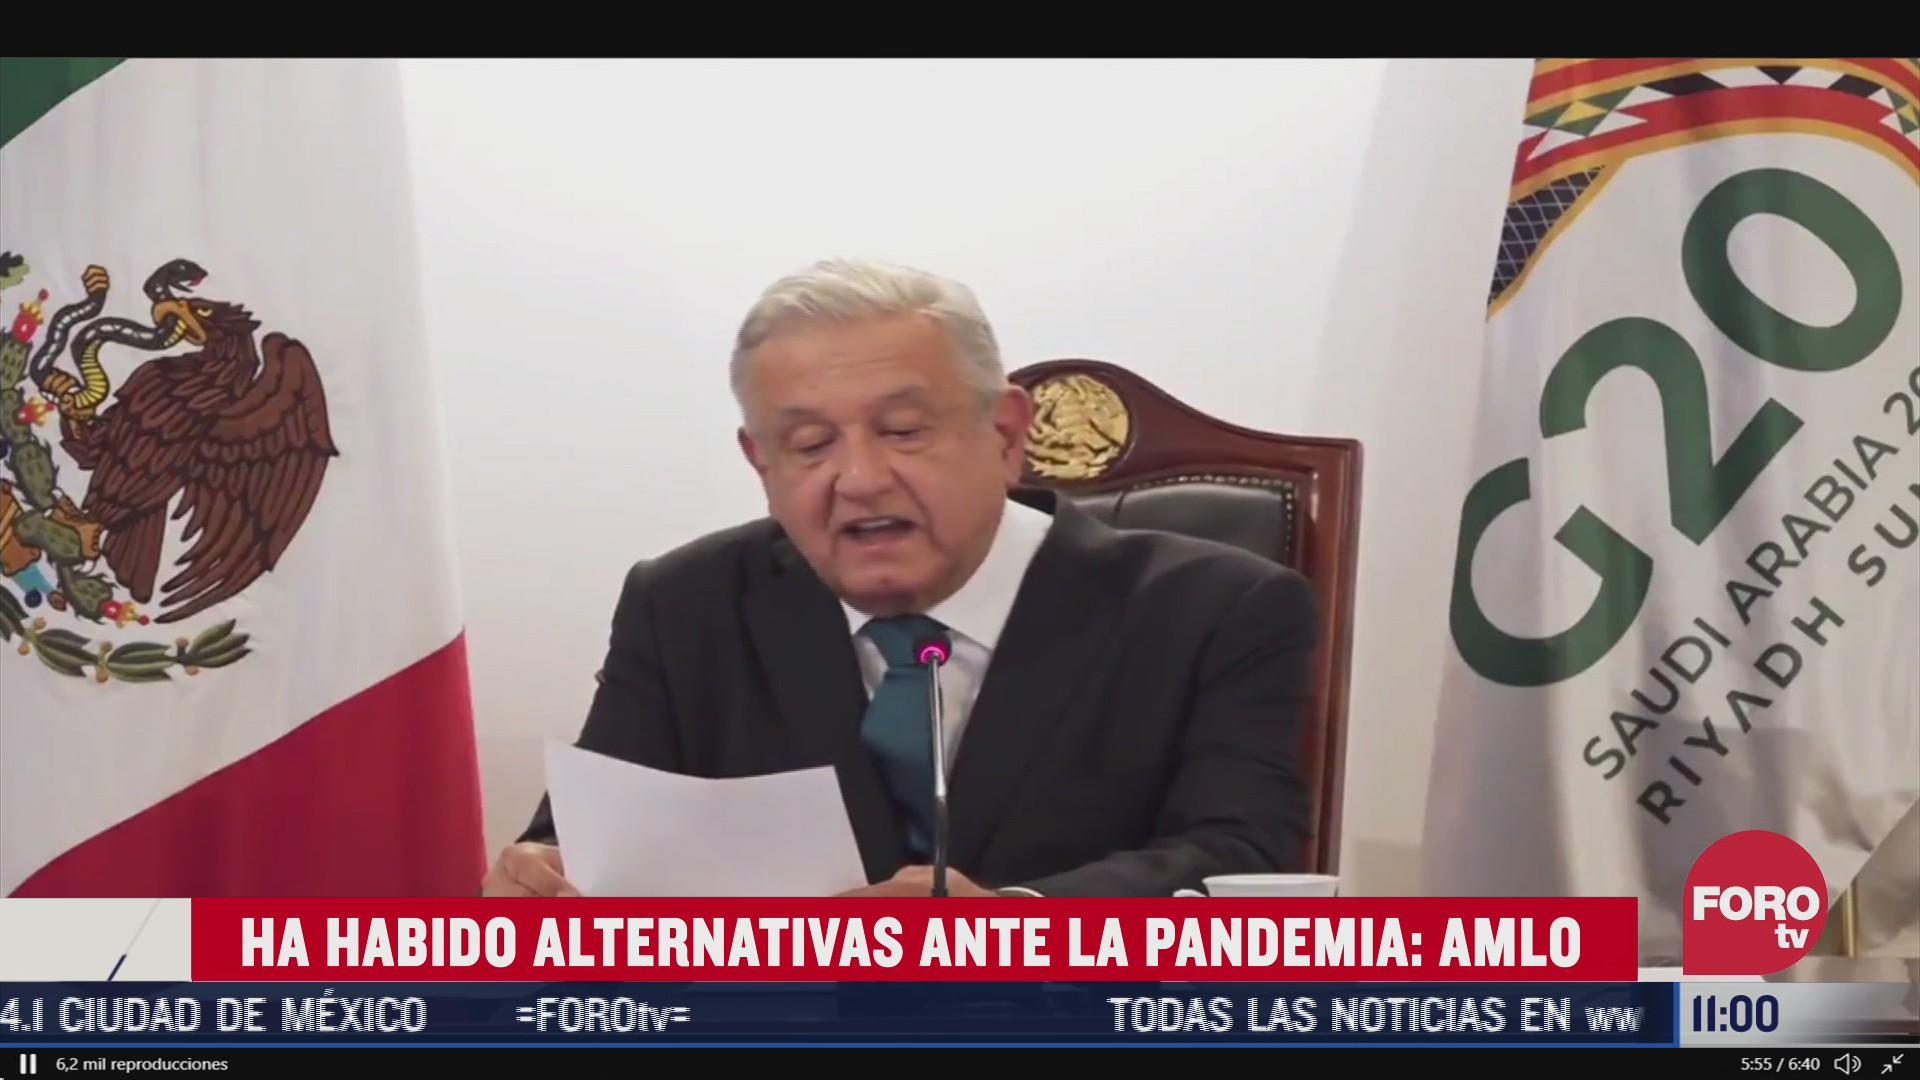 amlo menciona alternativas ante crisis por covid 19 a lideres del g